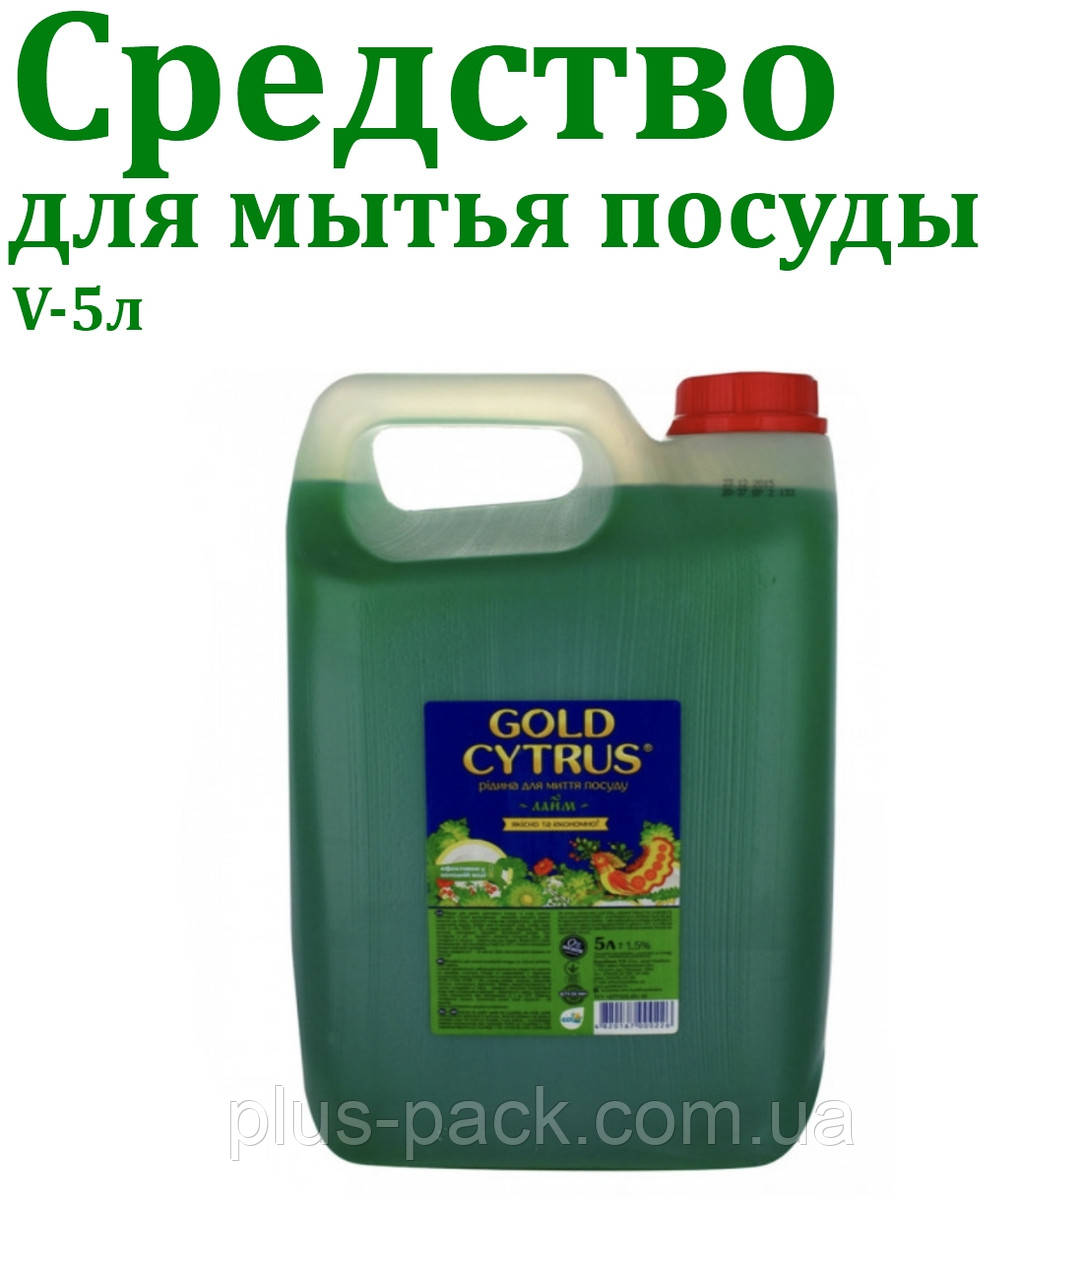 Засіб для миття посуду Gold Cytrus, 5л